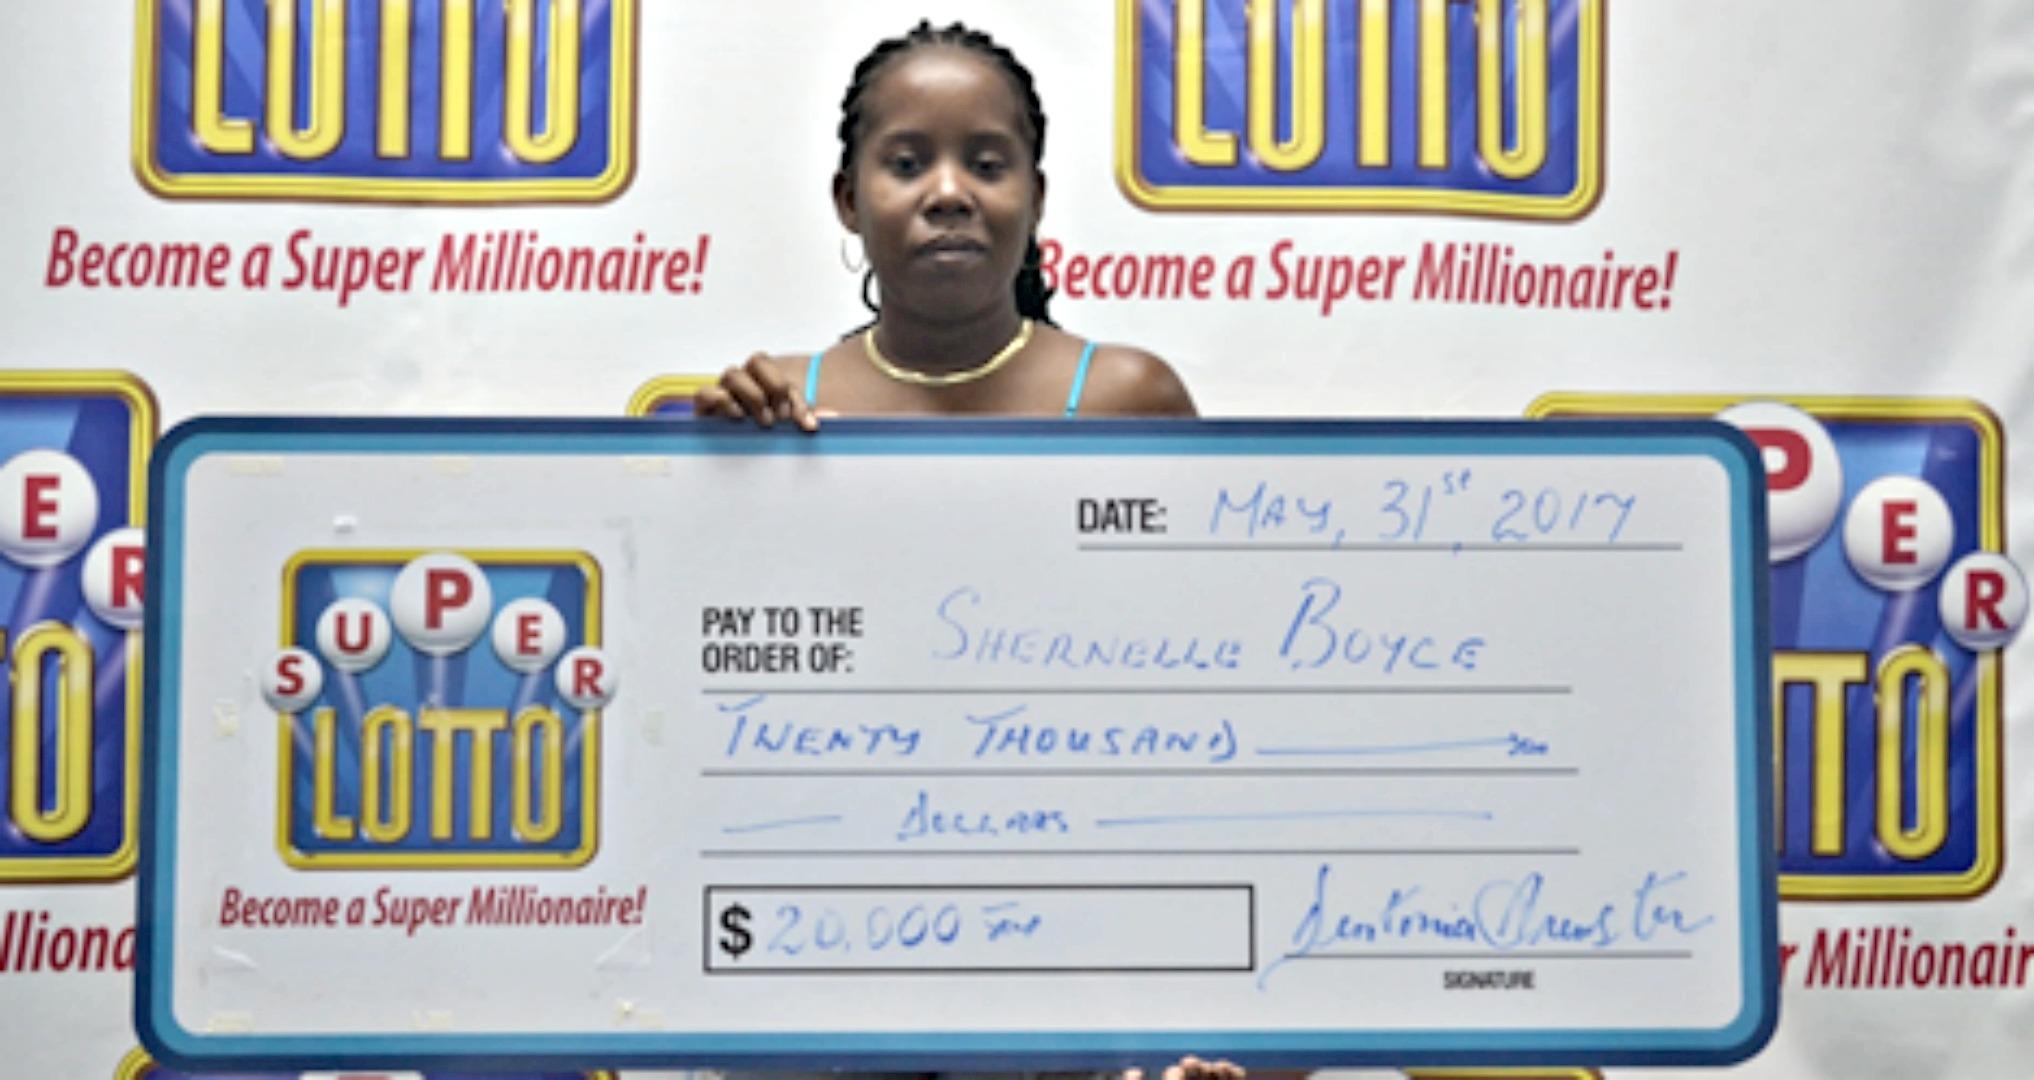 She won $20 000.